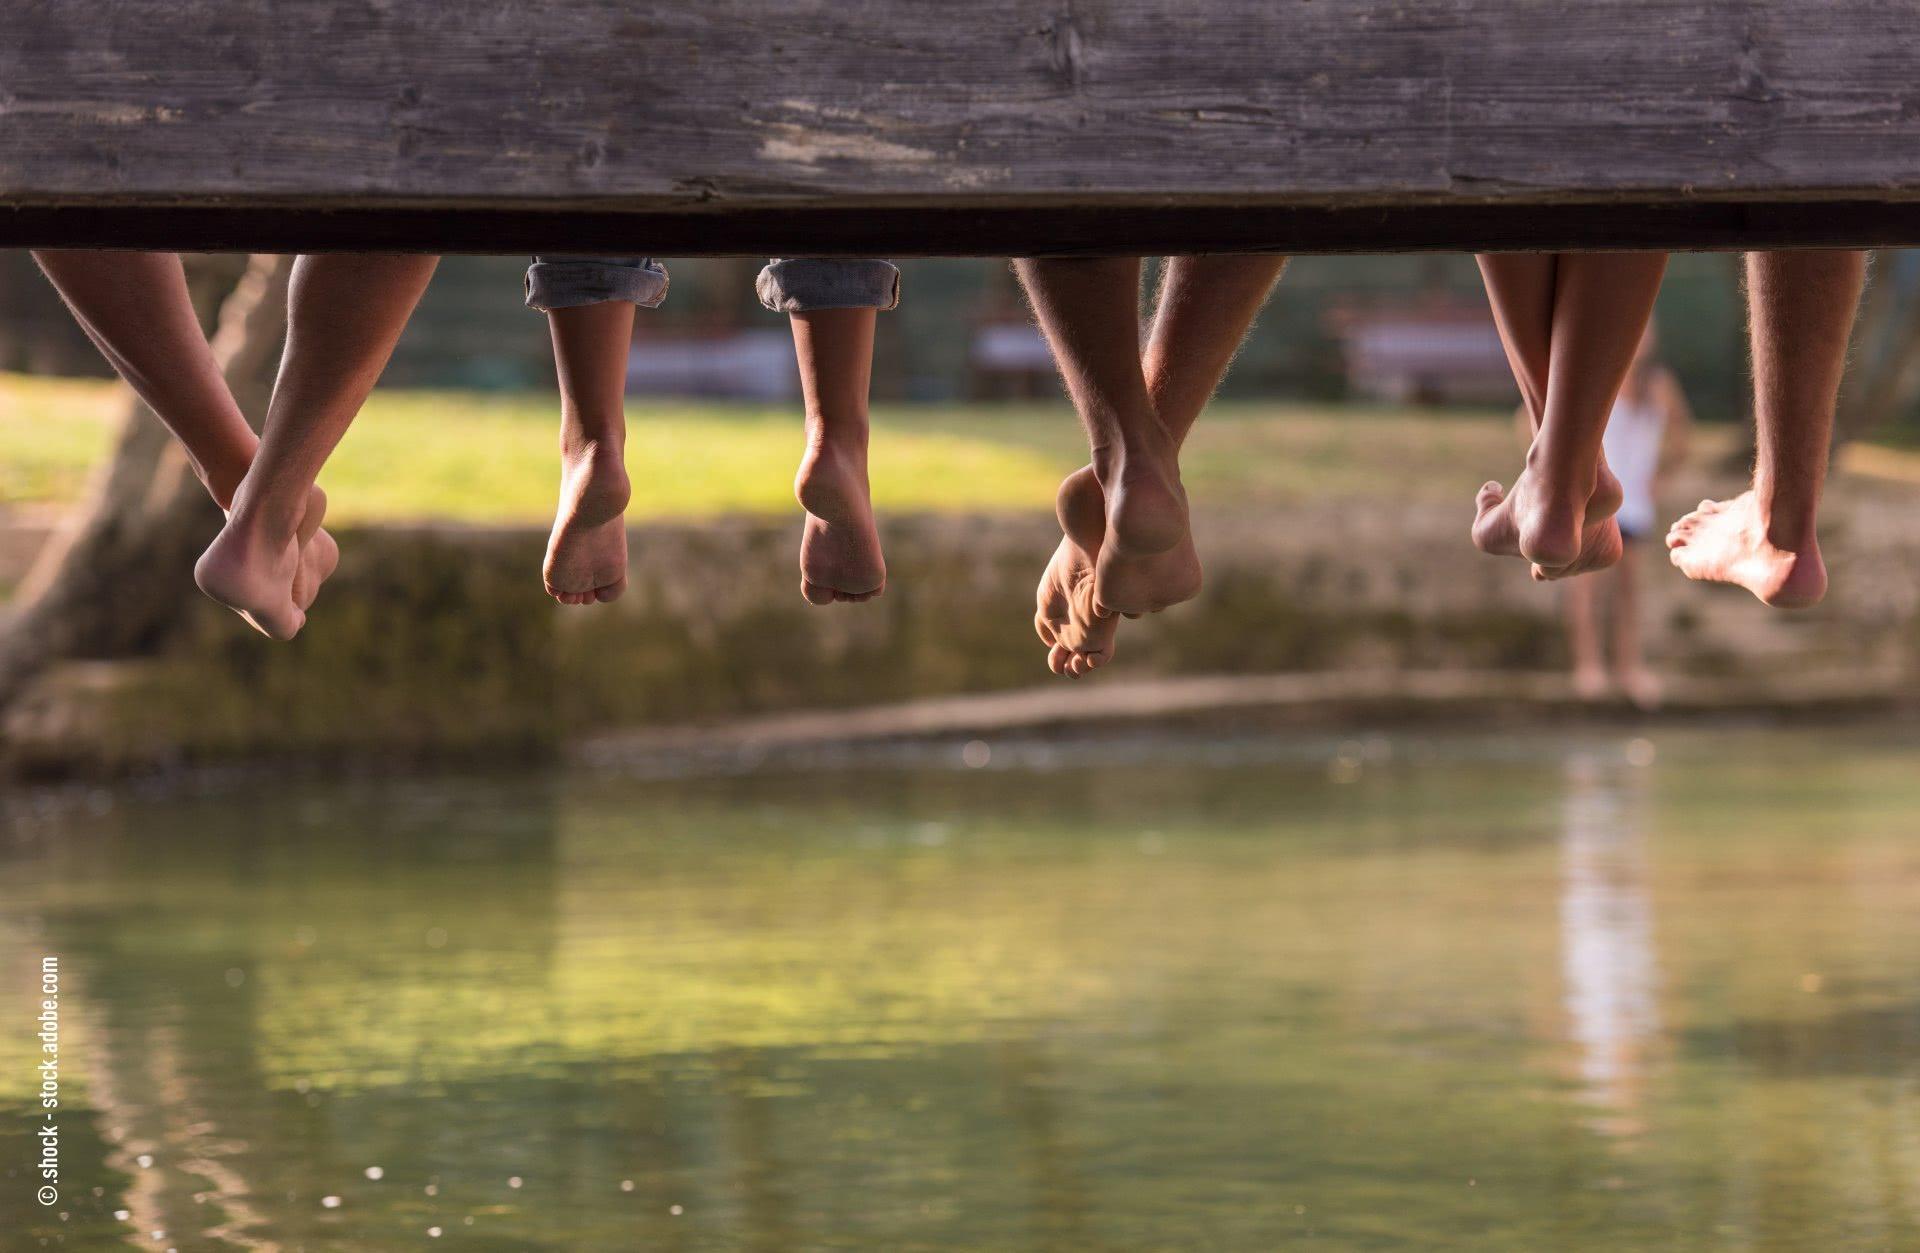 Baumelnde Füsse über Wasser.